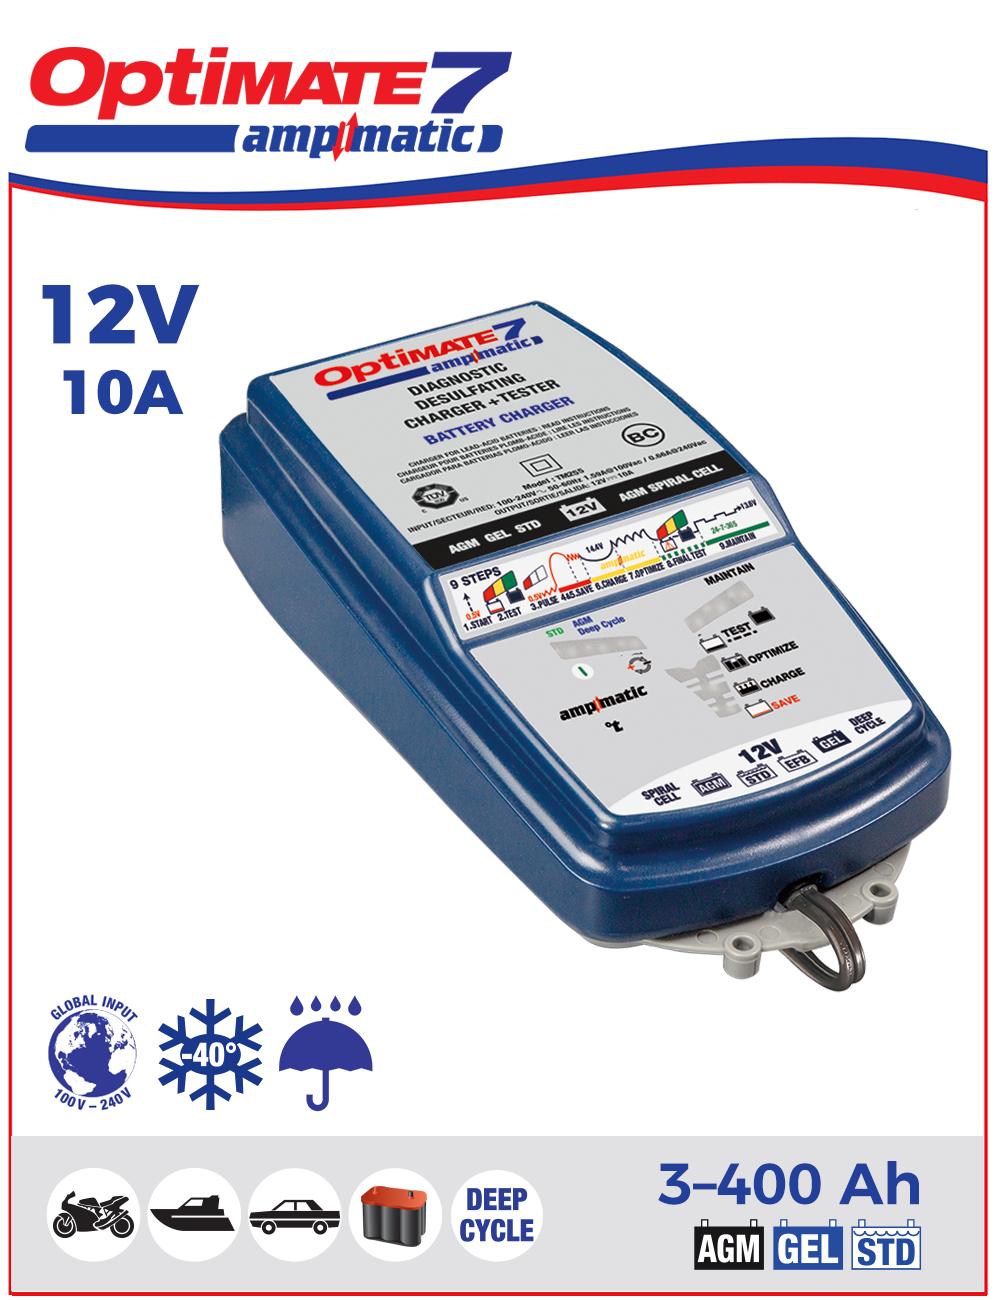 Зарядное устройство автомобильных аккумуляторов Optimate 7 Ampmatic TM254